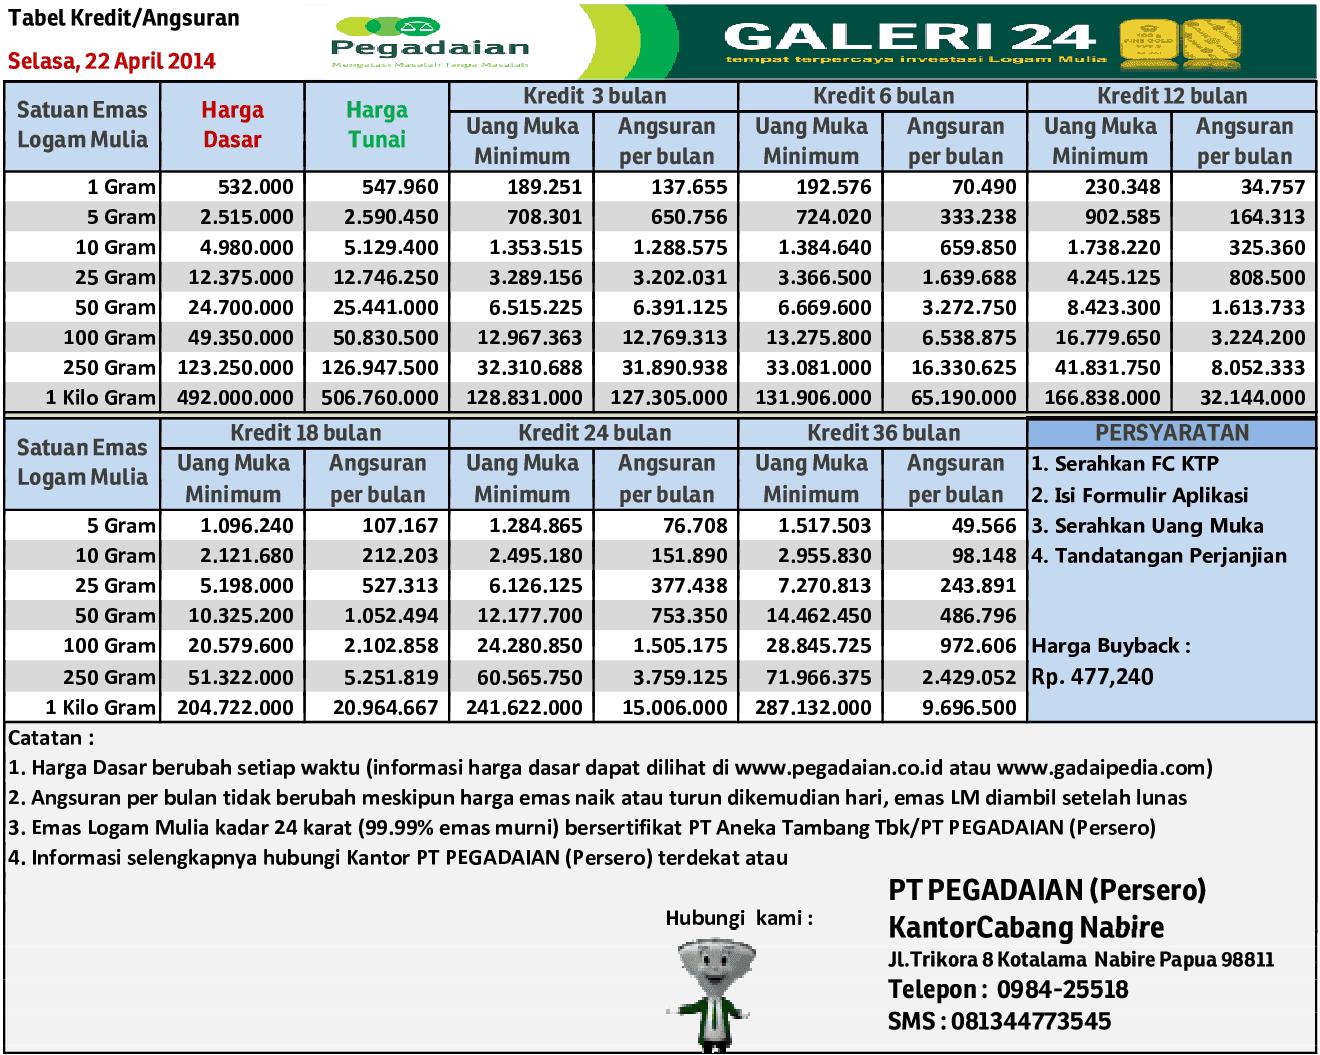 harga emas dan tabel kredit emas pegadaian 22 april 2014